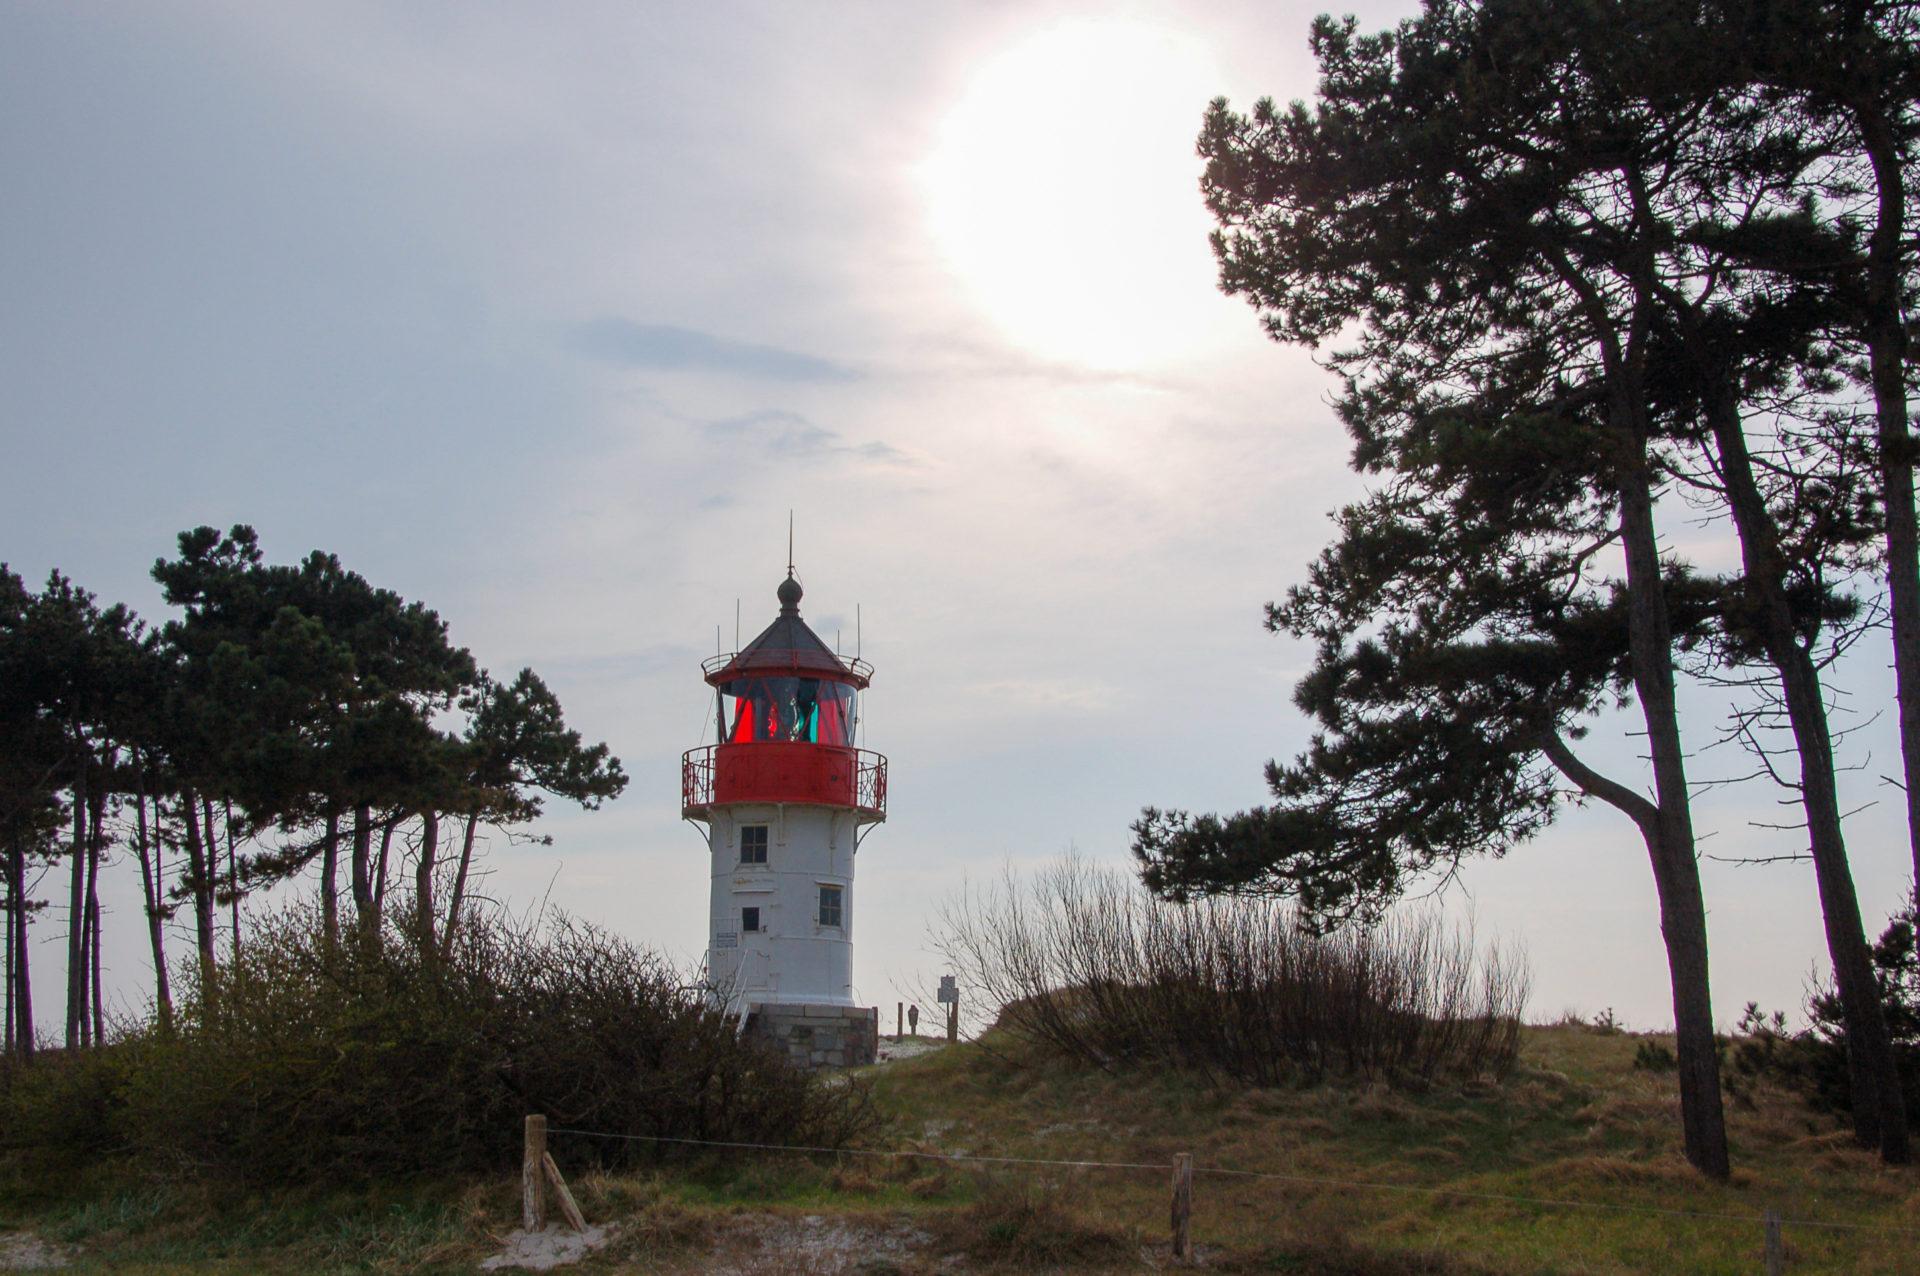 Leuchtturm auf Hiddensee in der Abendsonne